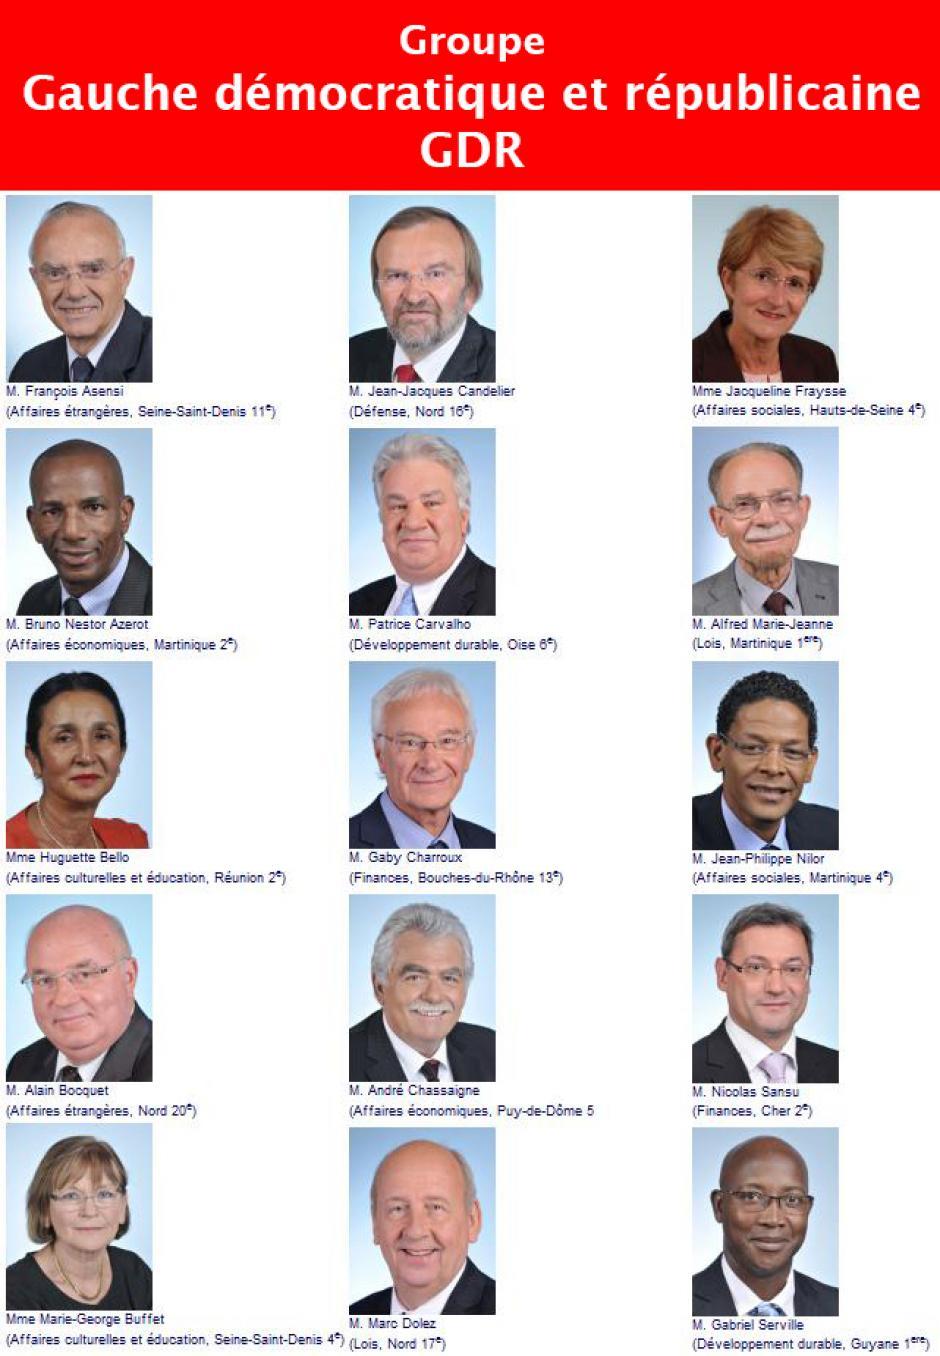 Le groupe Gauche démocratique et républicaine, Assemblée nationale-Législature 2012-2017